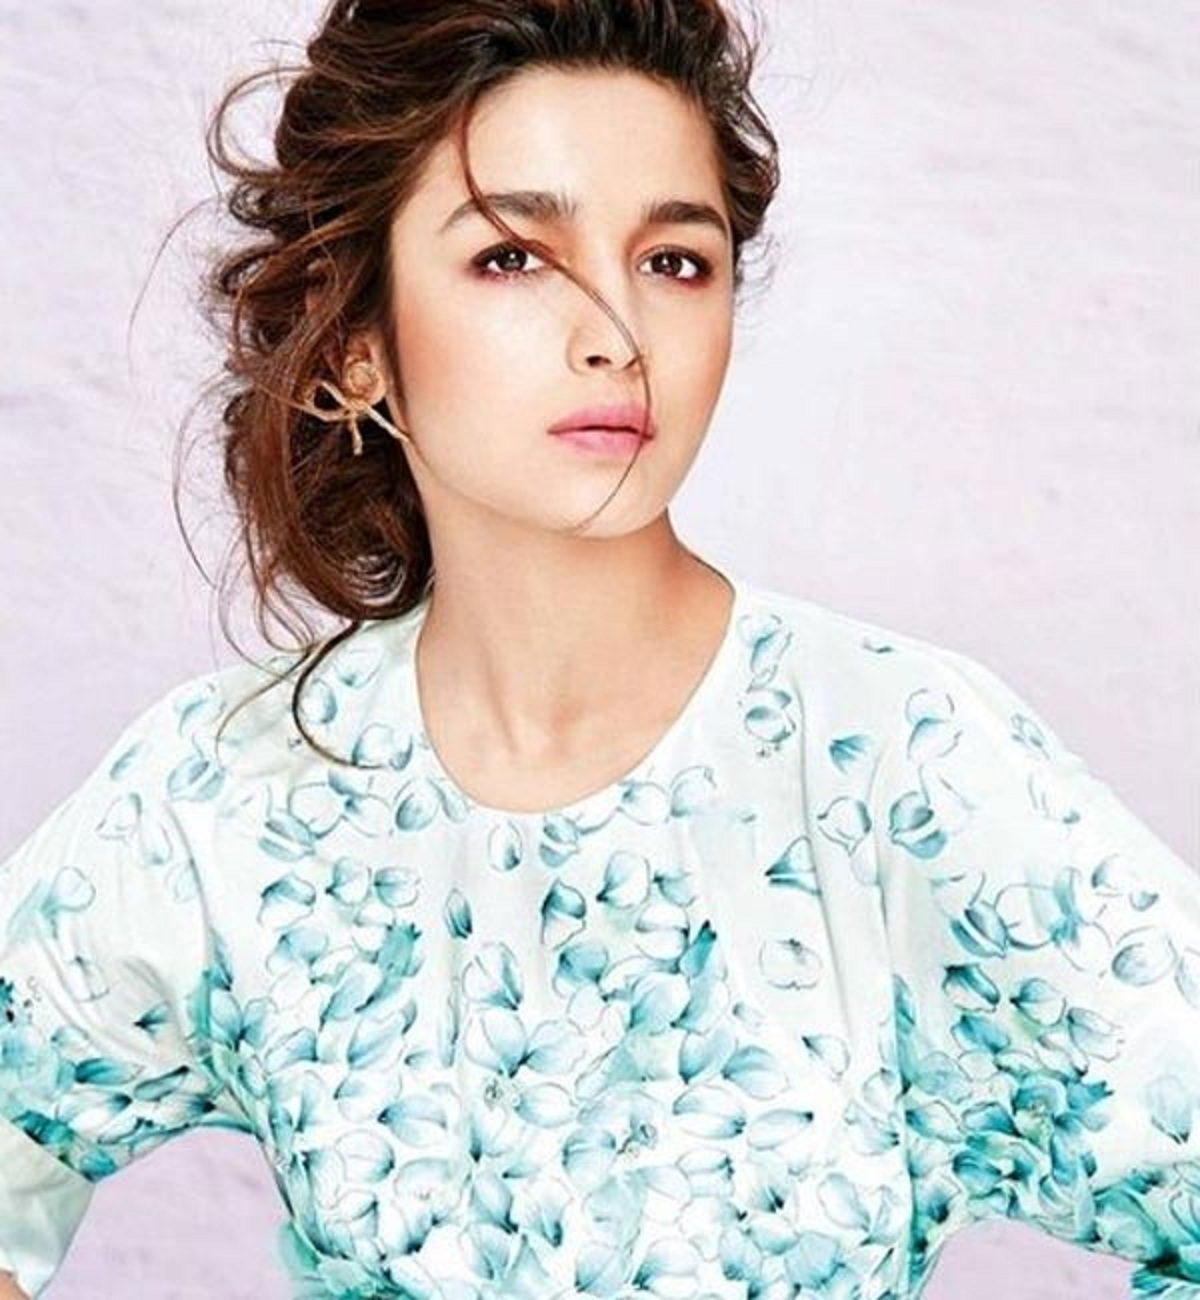 Cute Doll Hd Wallpaper For Desktop Alia Bhat Latest Wallpaper Beautiful Desktop Hd